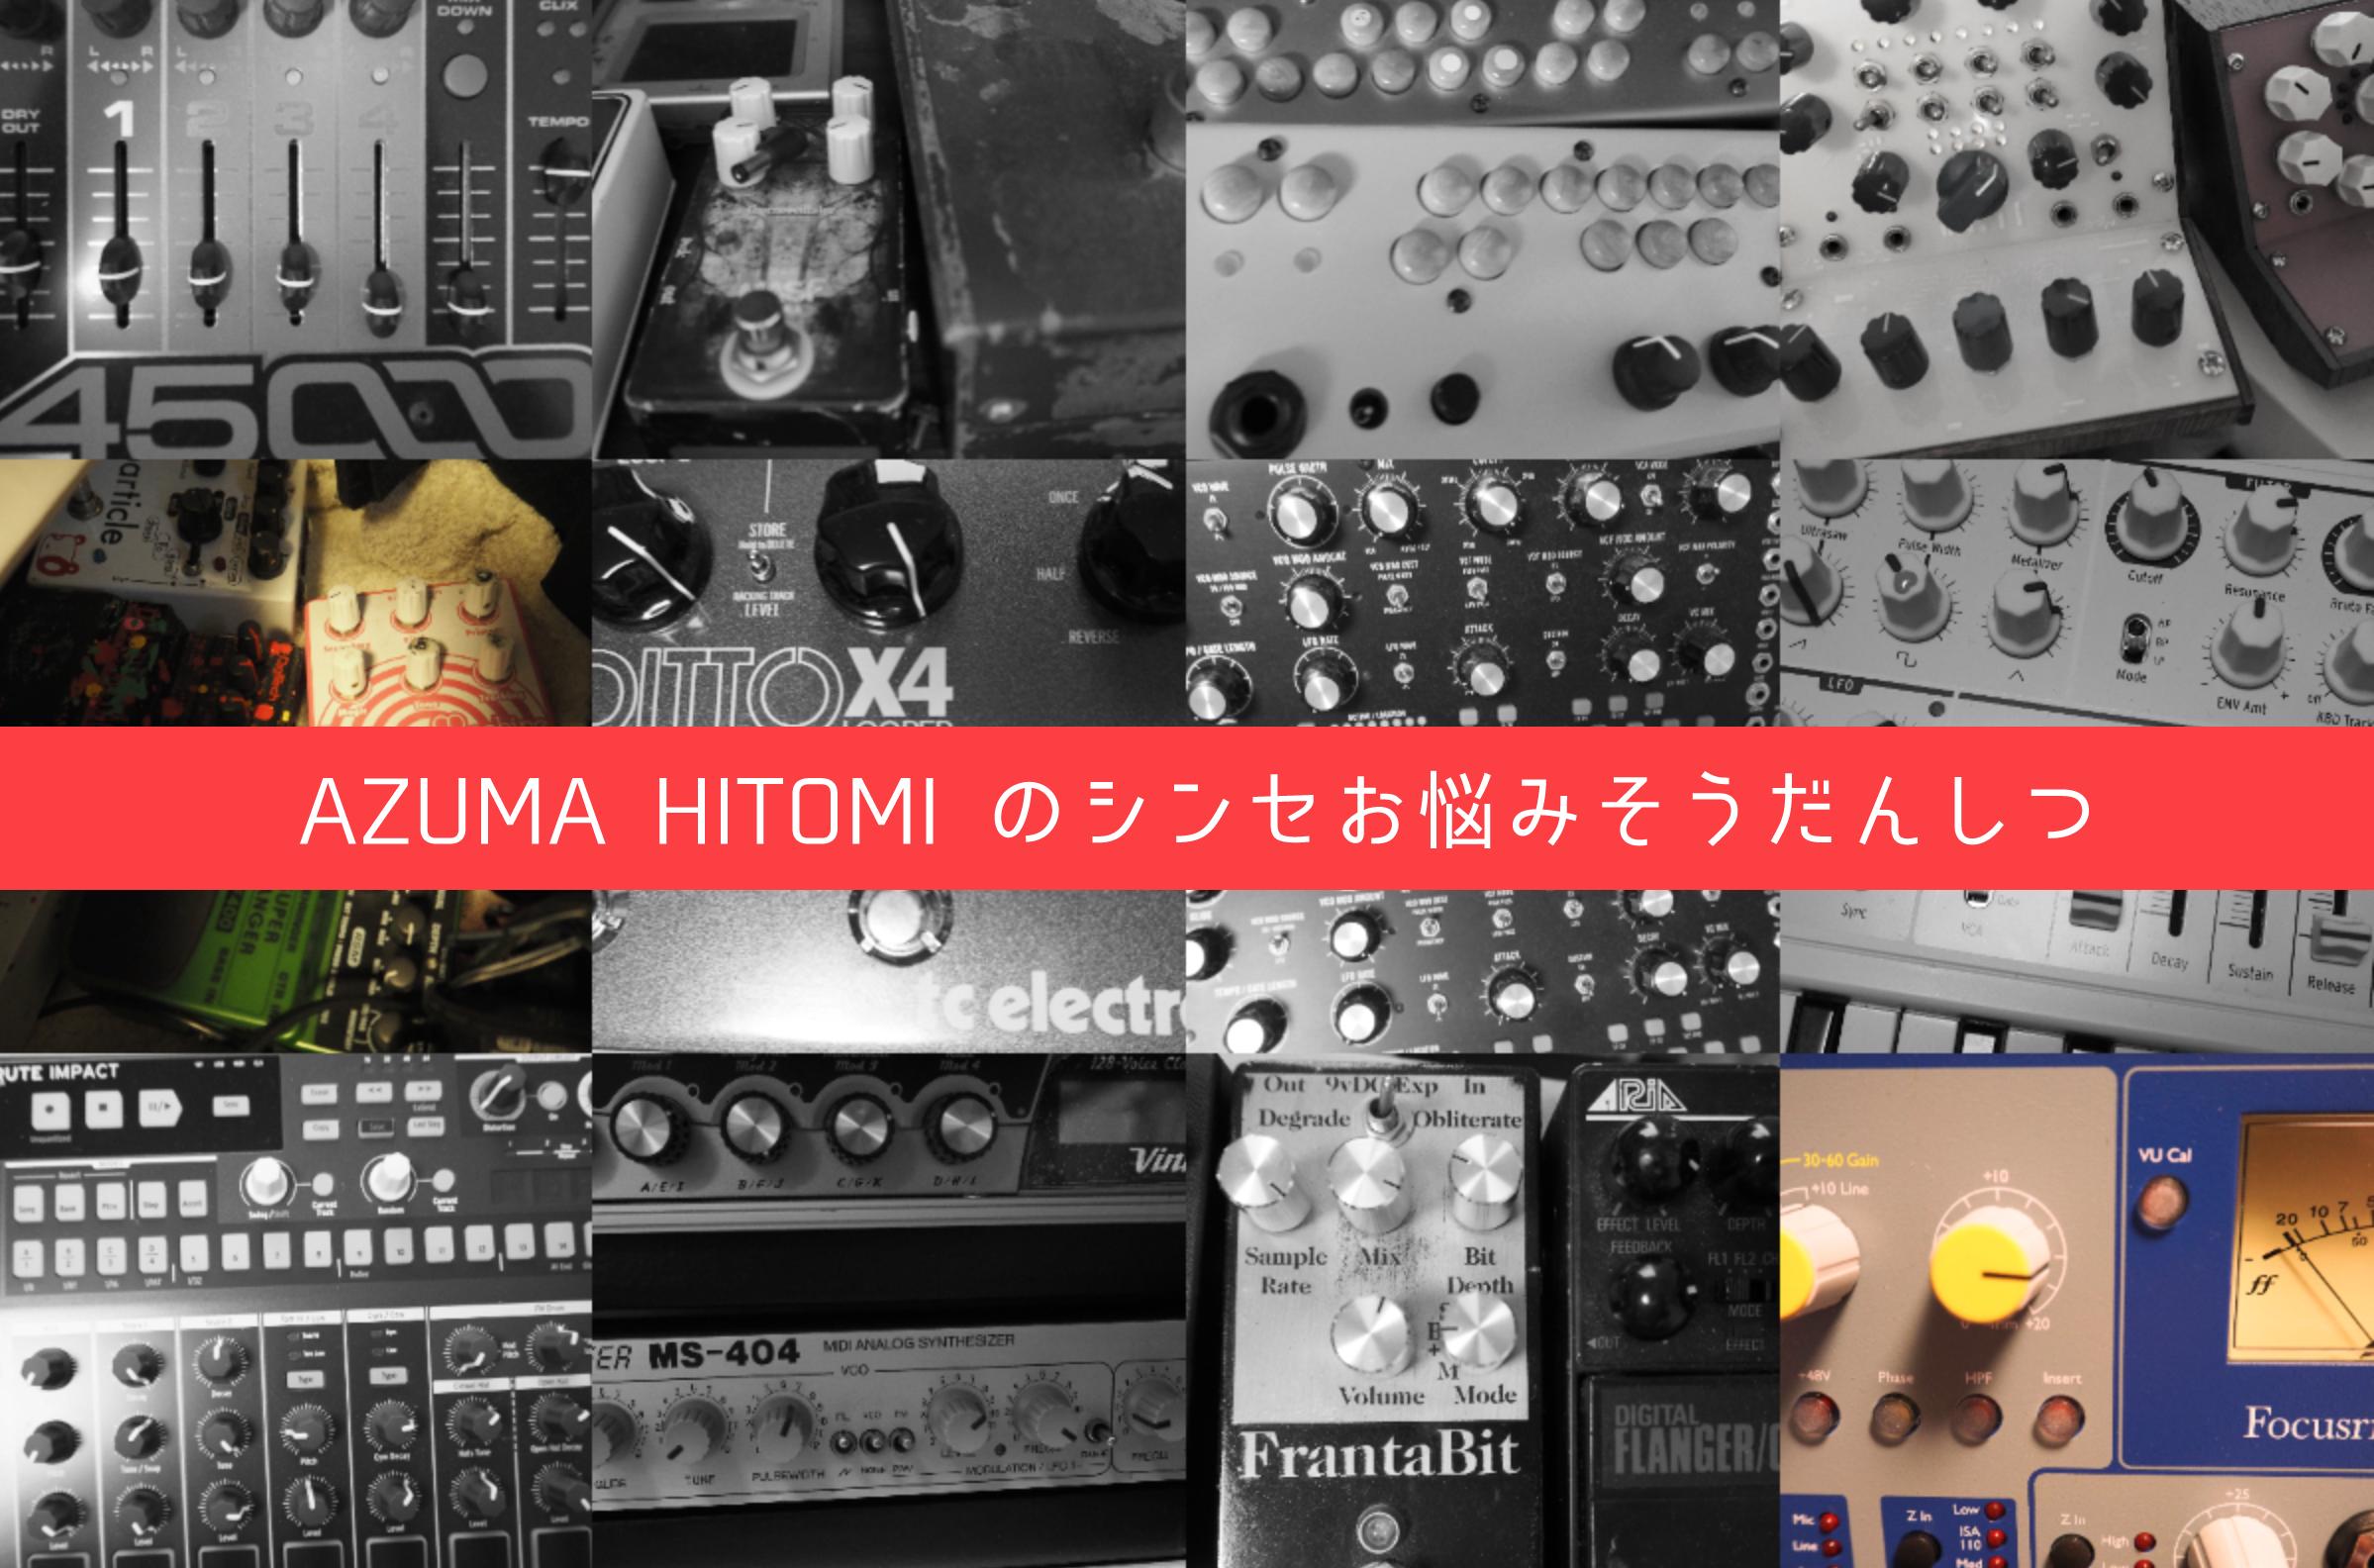 AZUMA HITOMI のシンセお悩みそうだんしつ